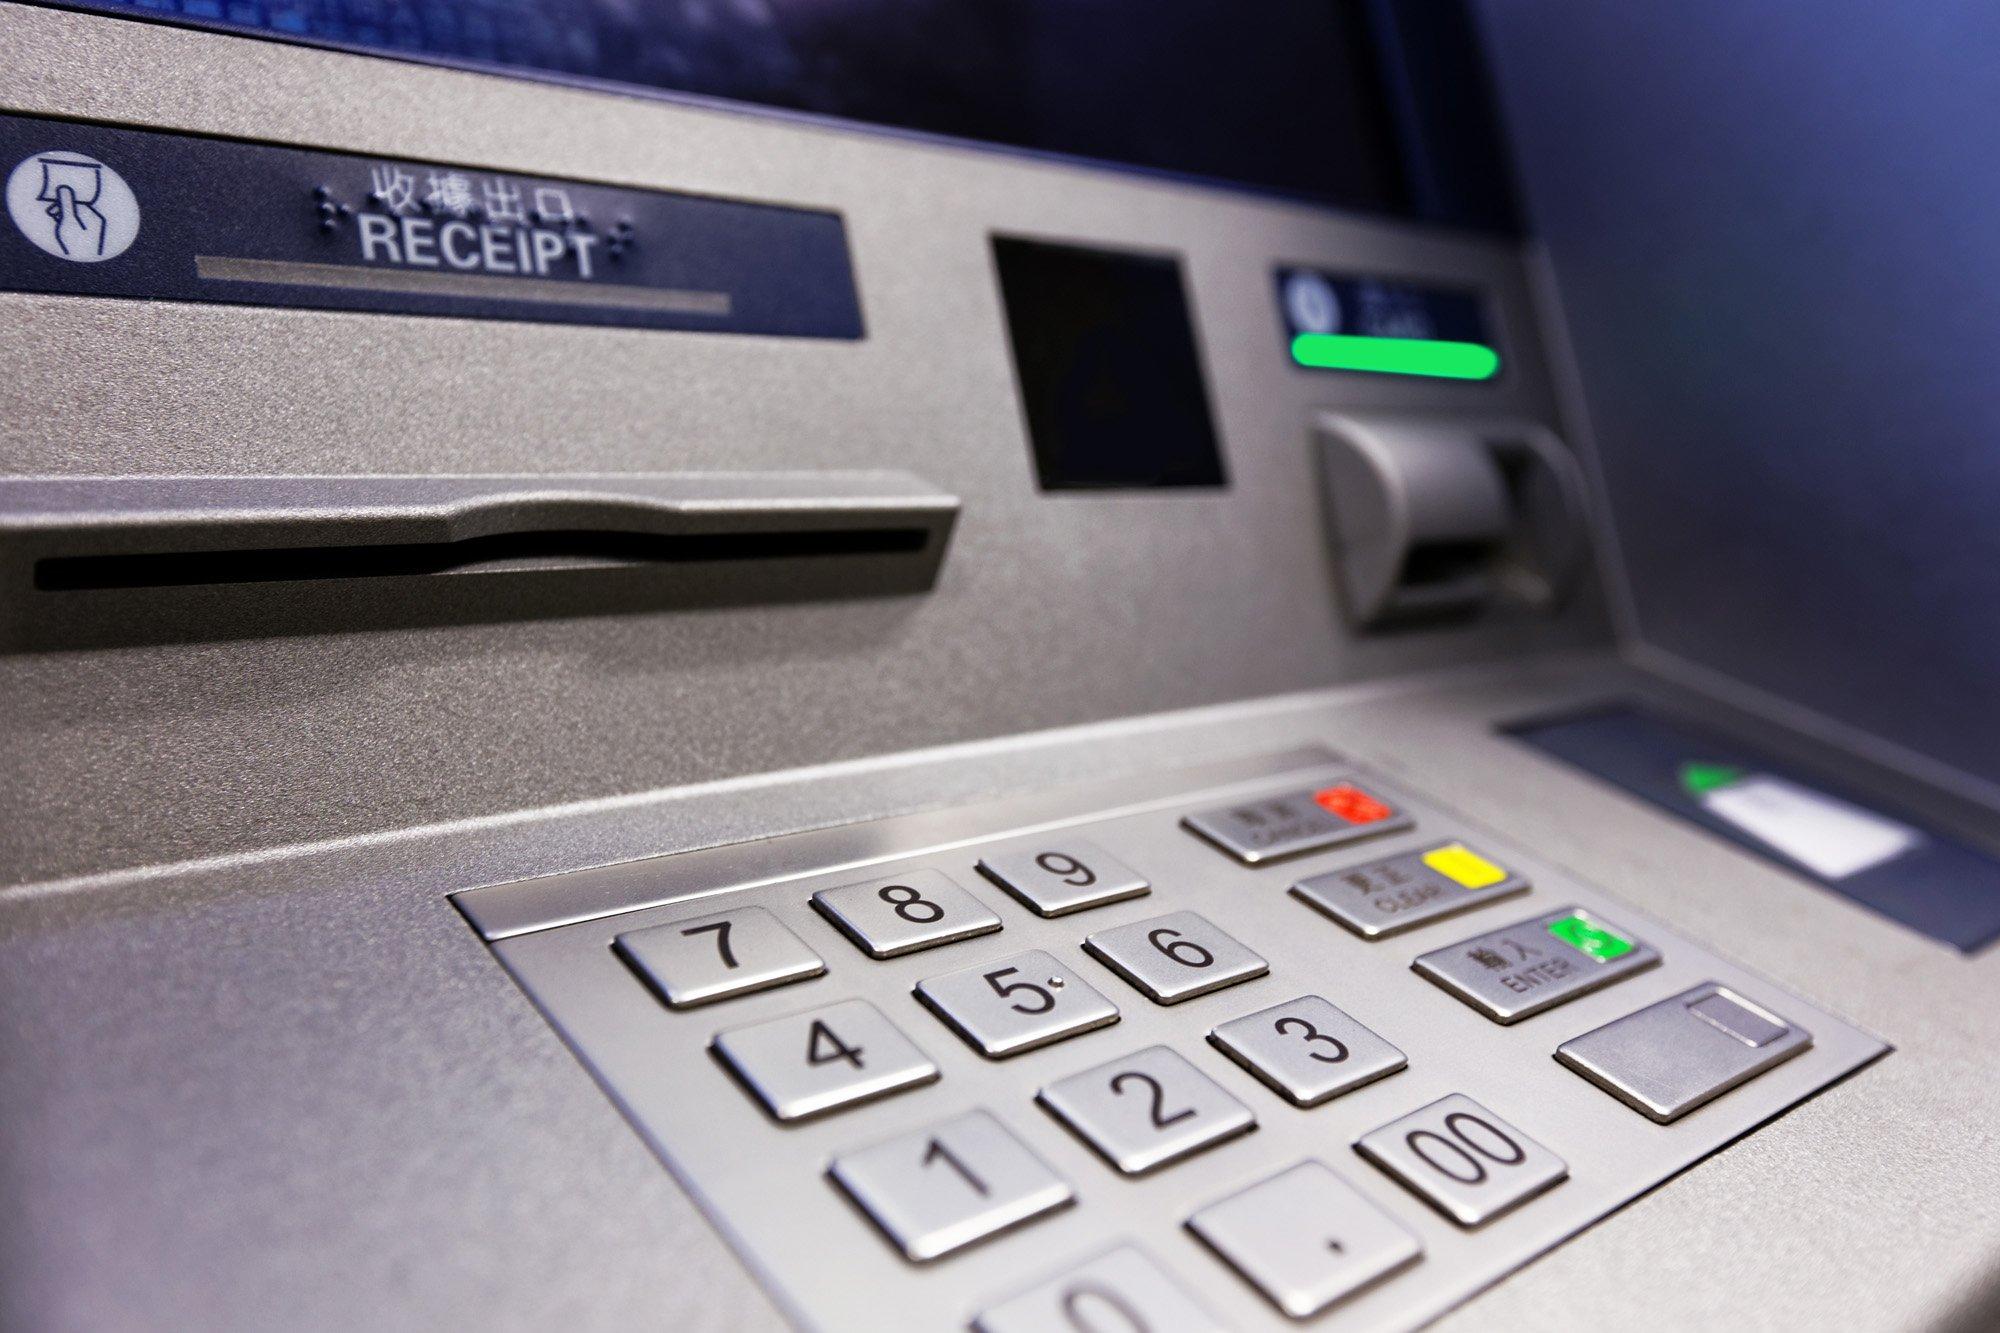 Двое неизвестных вынесли избанкомата вПетербурге 4,5 млн руб.